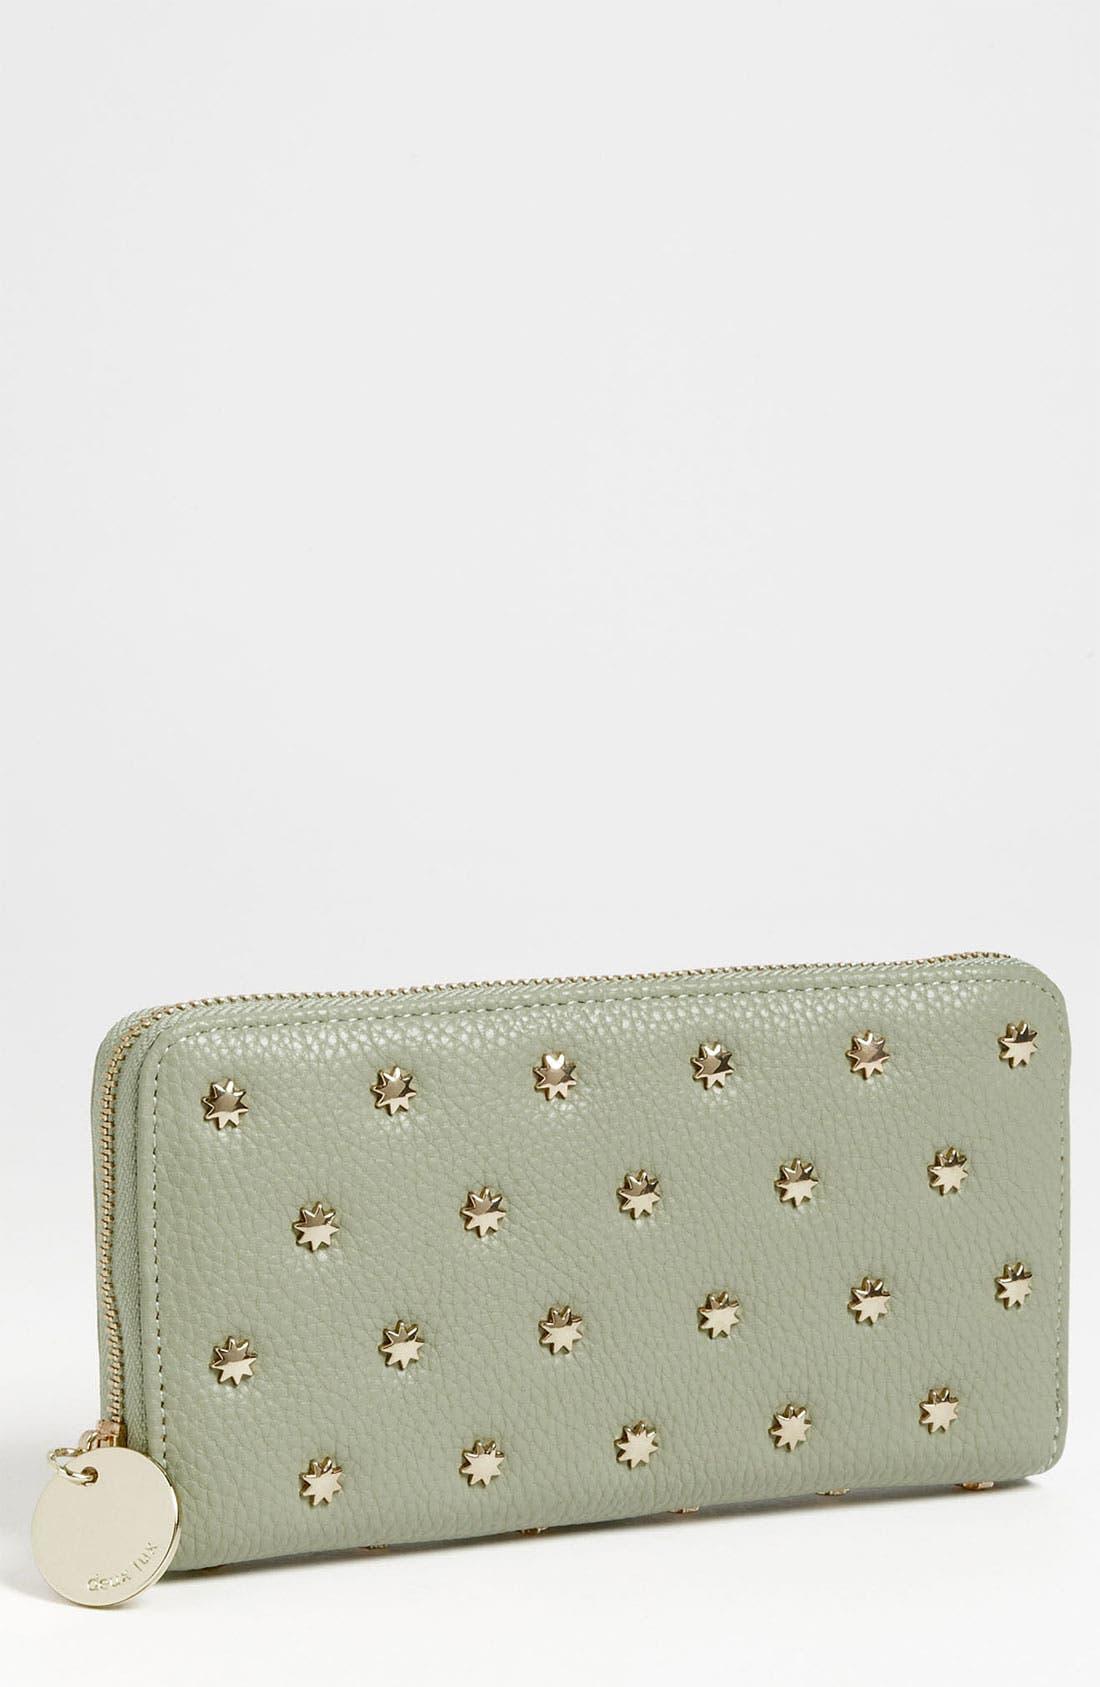 Main Image - Deux Lux 'Star Gazer' Wallet